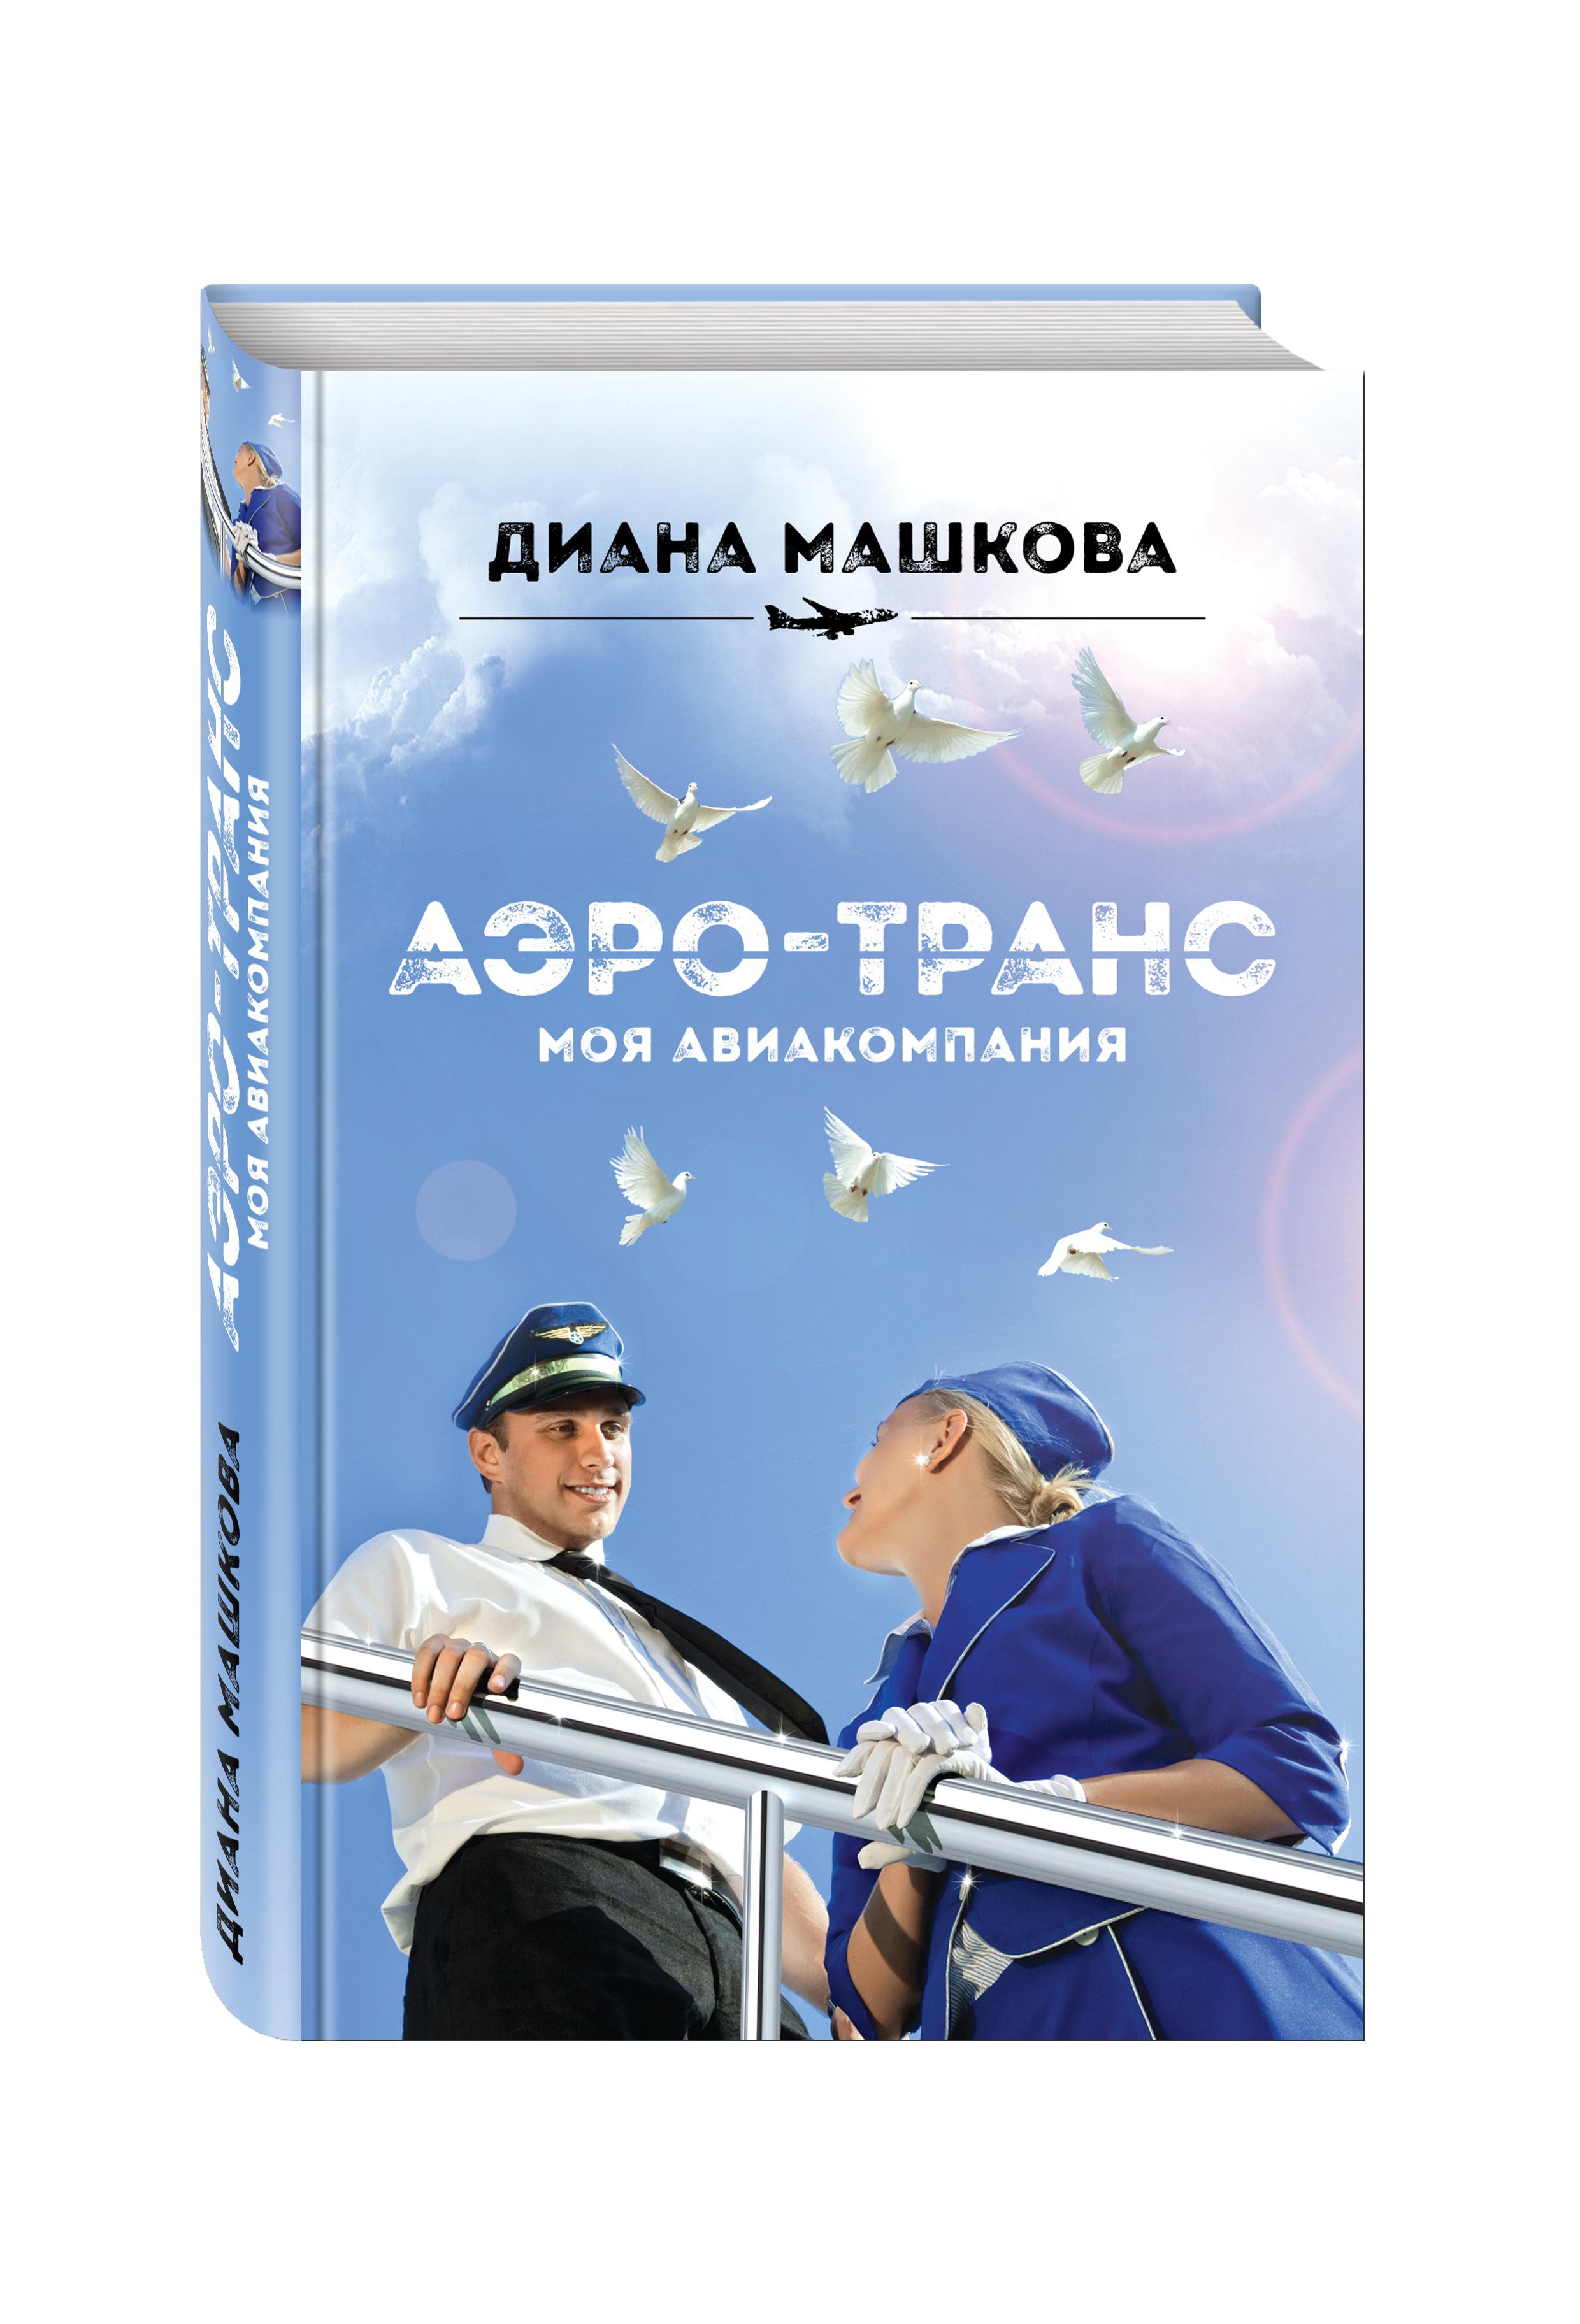 Машкова Д. Аэро-транс. Моя авиакомпания трансаэро официальный сайт билеты